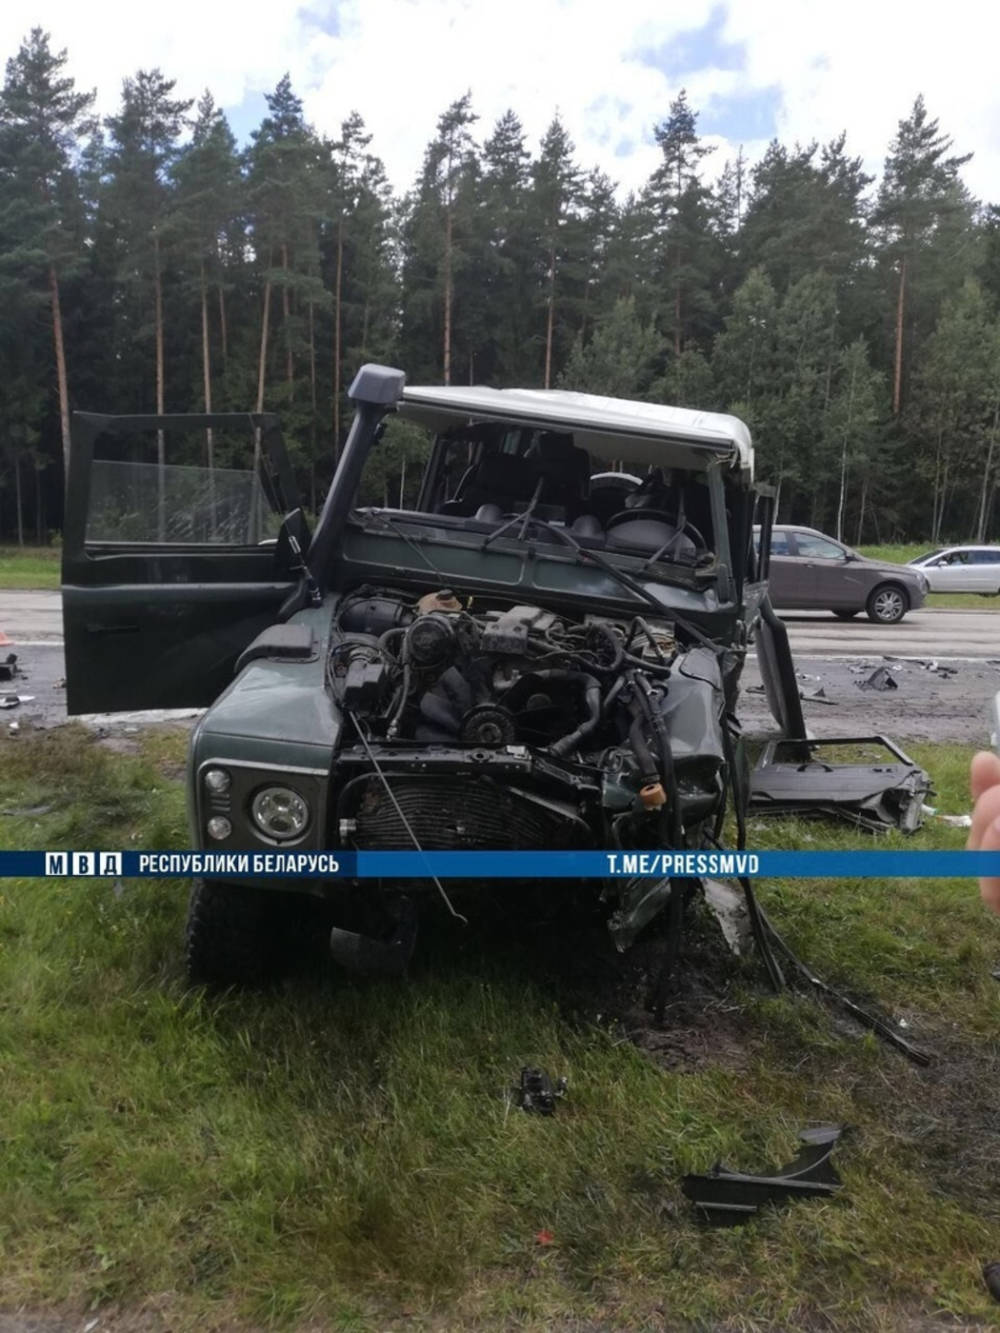 Трагедия на трассе М3 «Минск – Витебск»: семь человек госпитализированы, один погиб